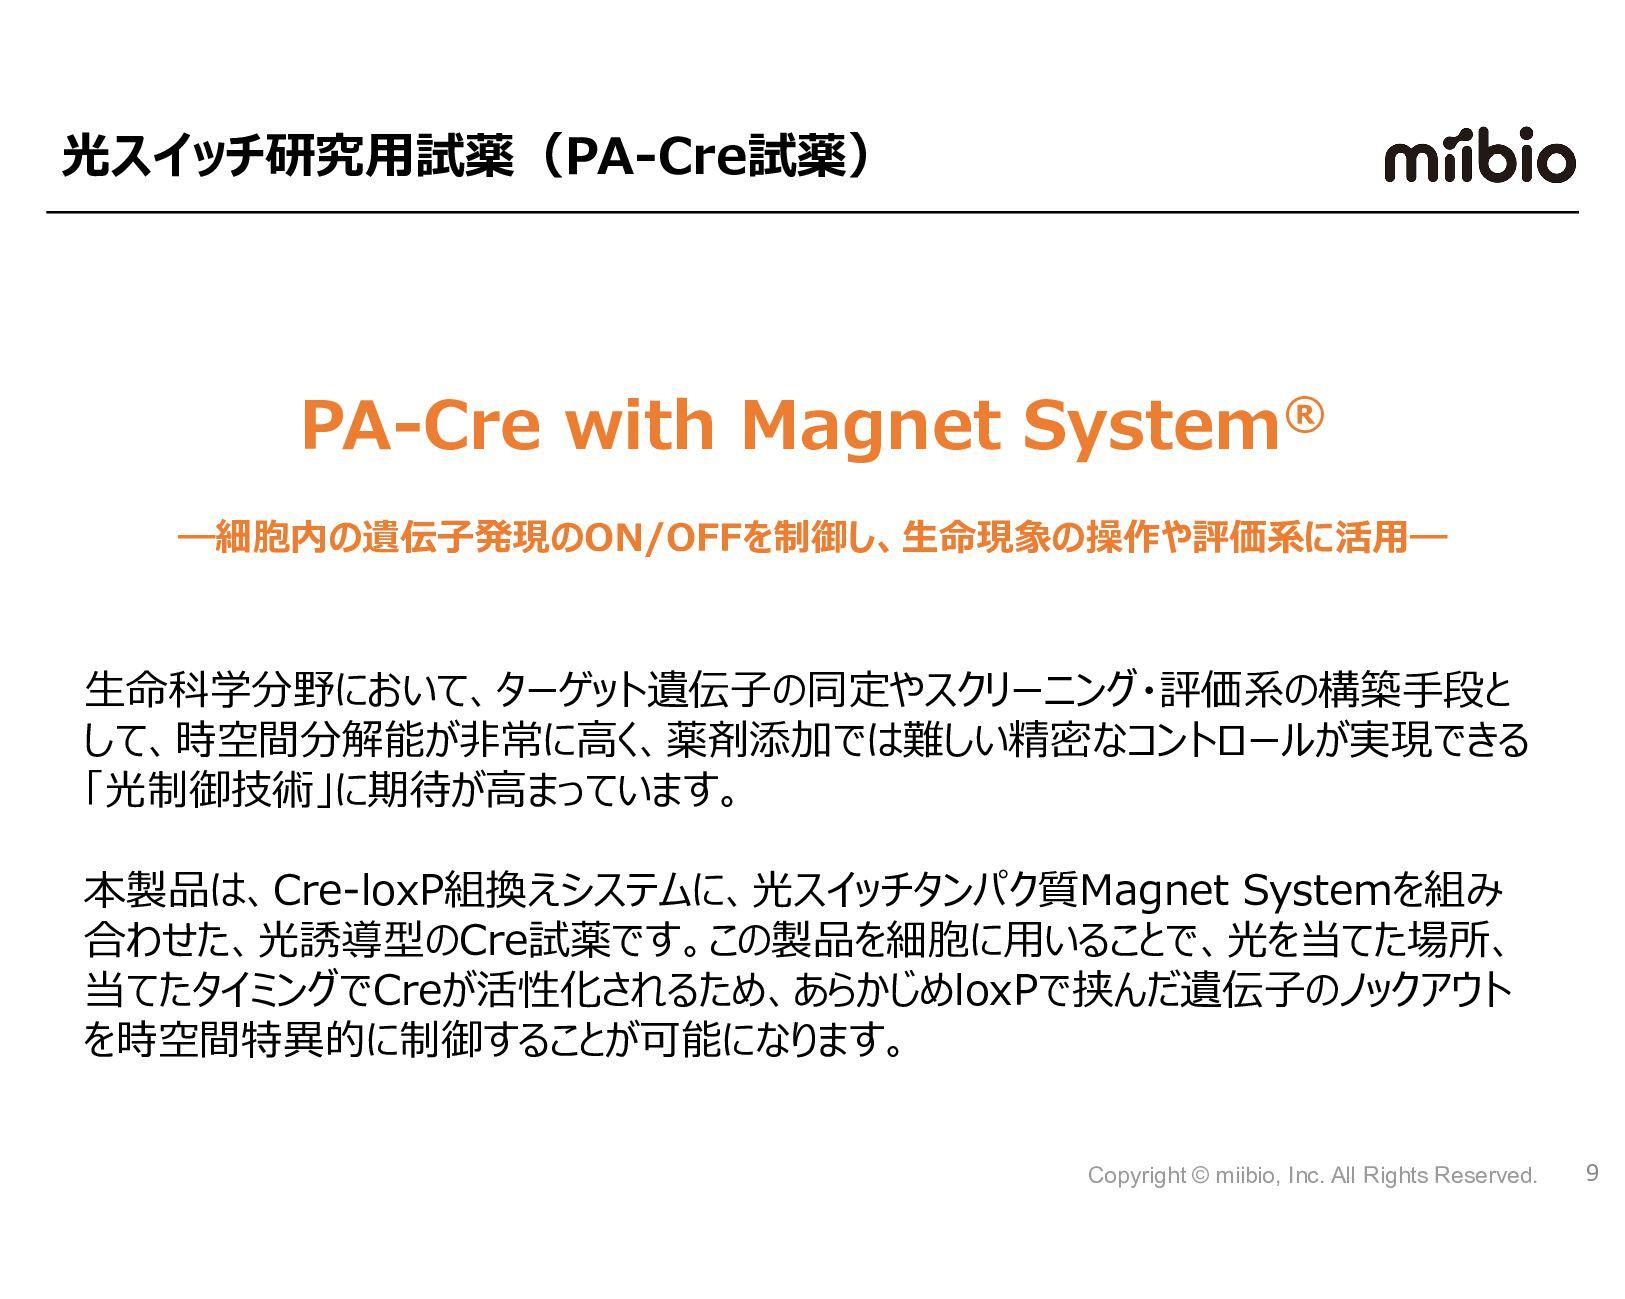 技術シーズ紹介 光スイッチタンパク質(Magnet System) 私たちのコア技術である光ス...